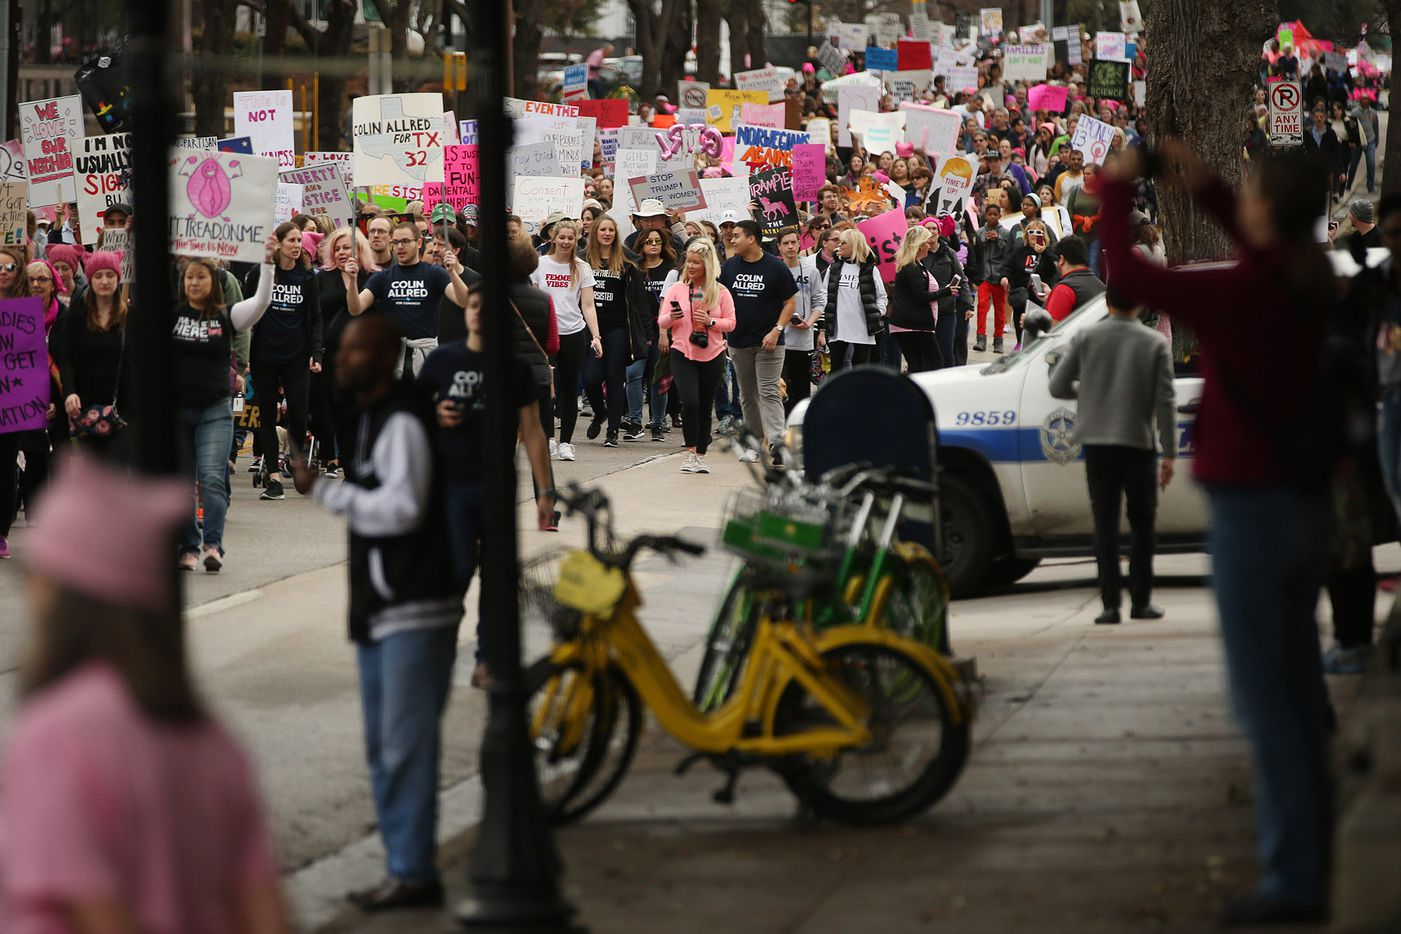 Marchers move Uptown during the Dallas Women's March in Dallas Saturday.